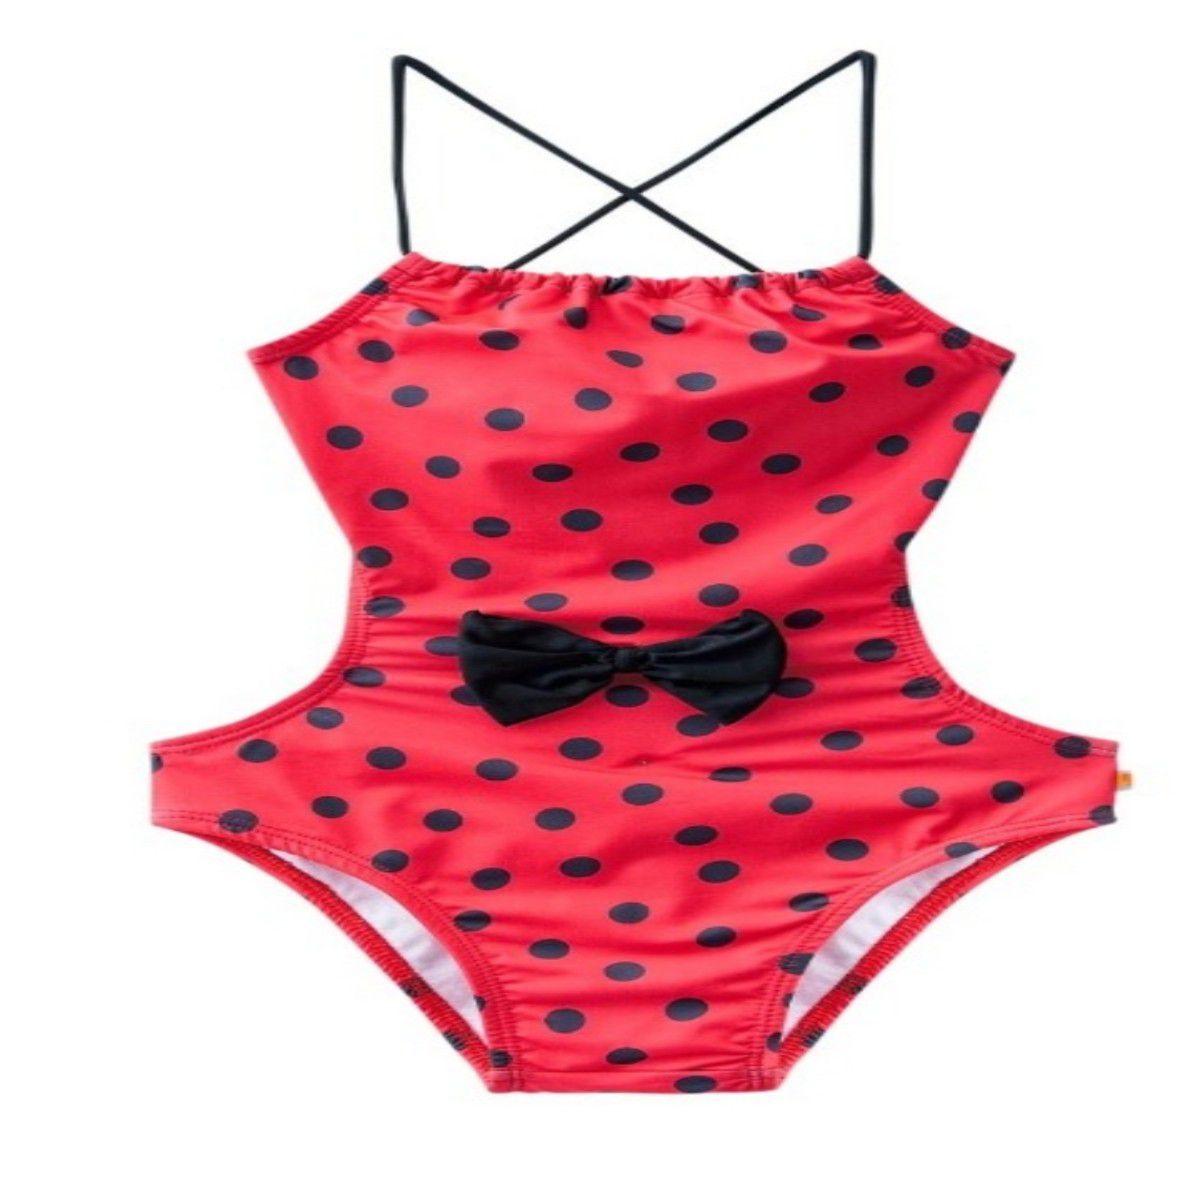 Biquíni maiô ladybug vermelho bolinha alcinha regulagem